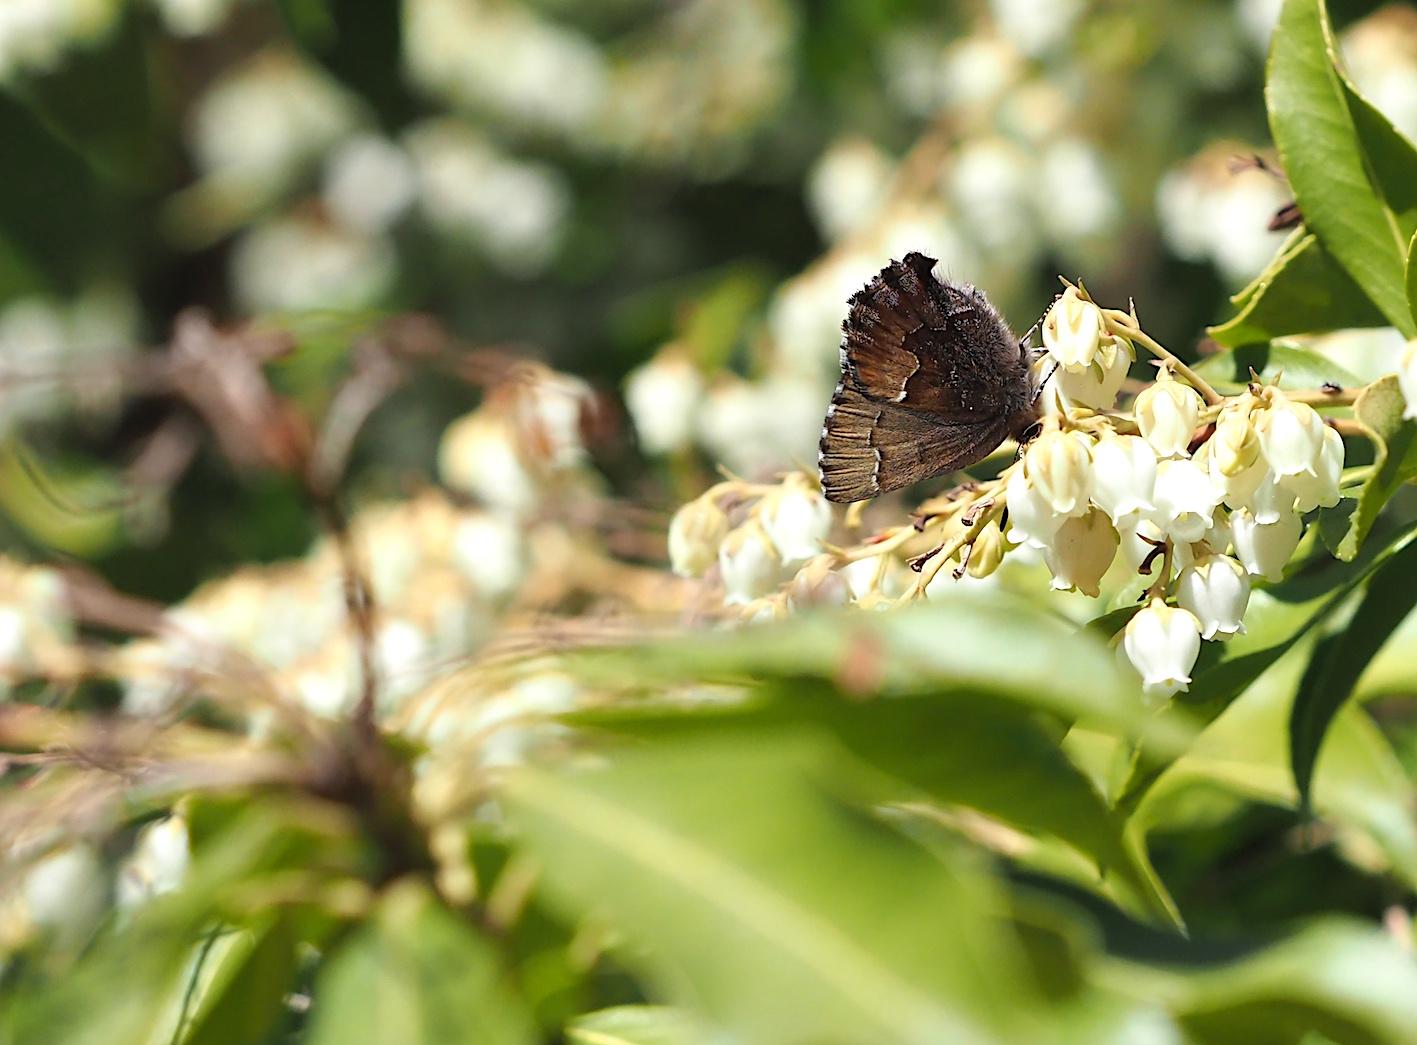 アセビにくる蝶たち、コツバメ(2019年3月27日)_d0303129_14183575.jpg